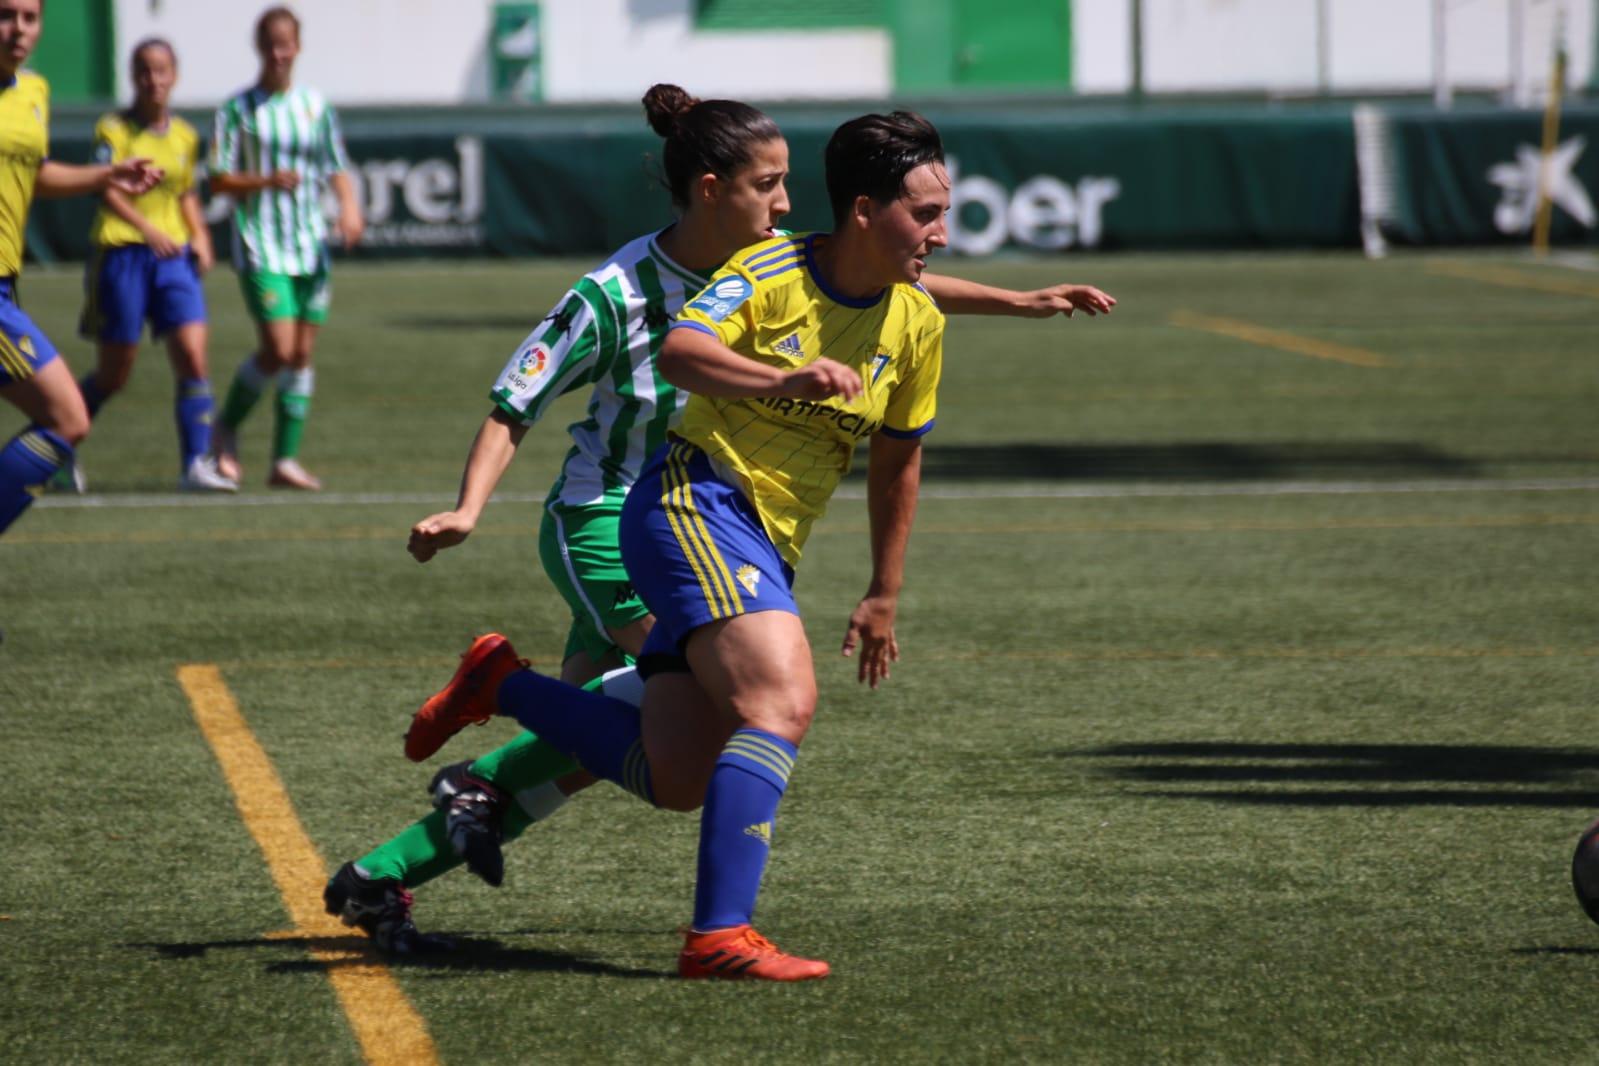 Imagen del Betis - Cádiz en la Ciudad Deportiva Luis del Sol (Foto: CCF).